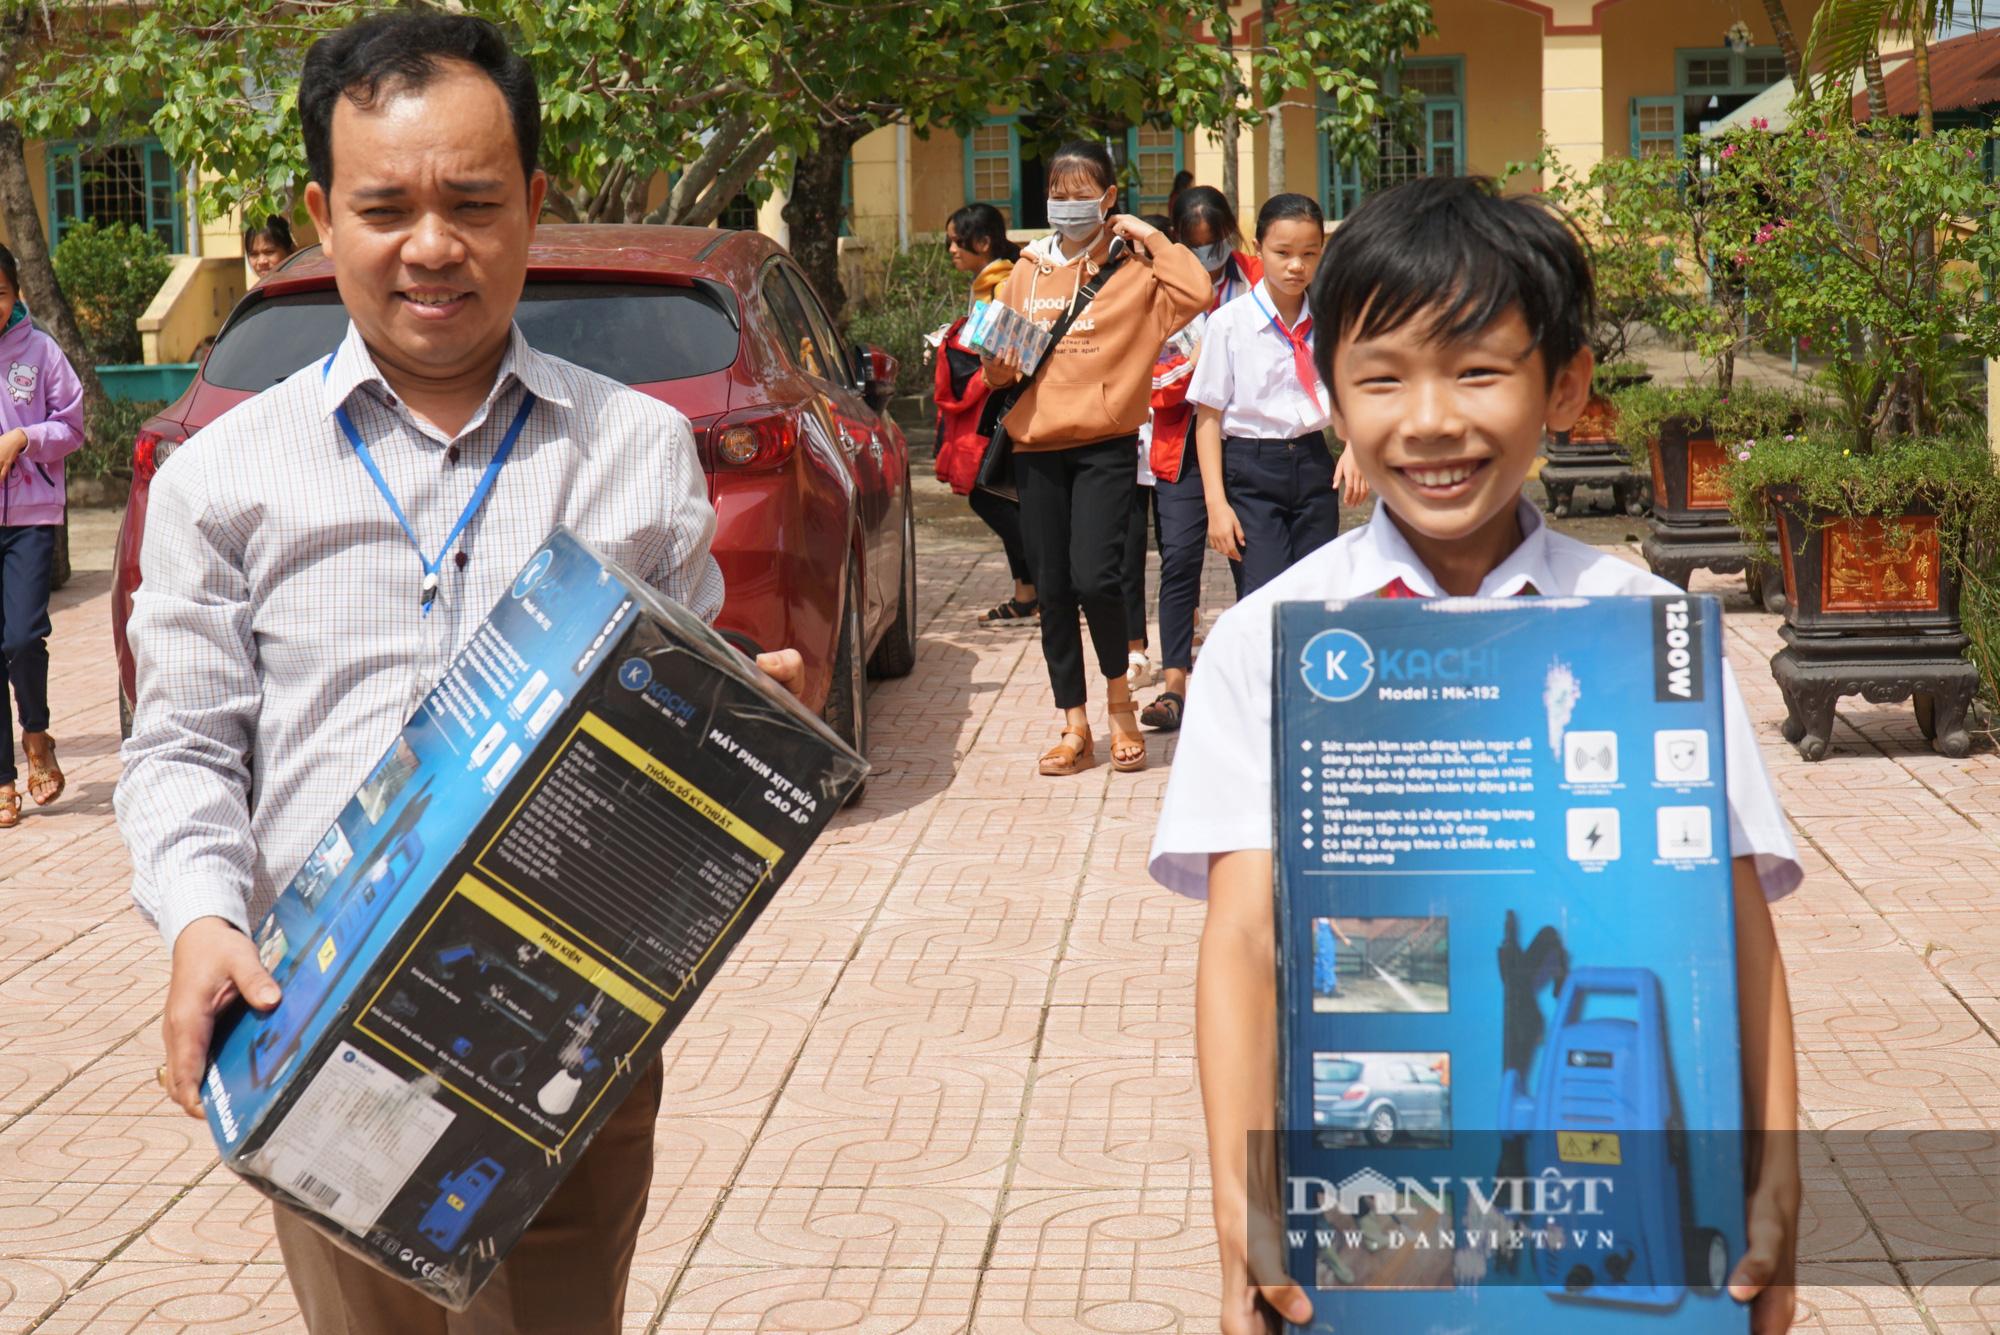 Quảng trị: Các trường học được hỗ trợ máy rửa bùn non sau bão lũ - Ảnh 9.